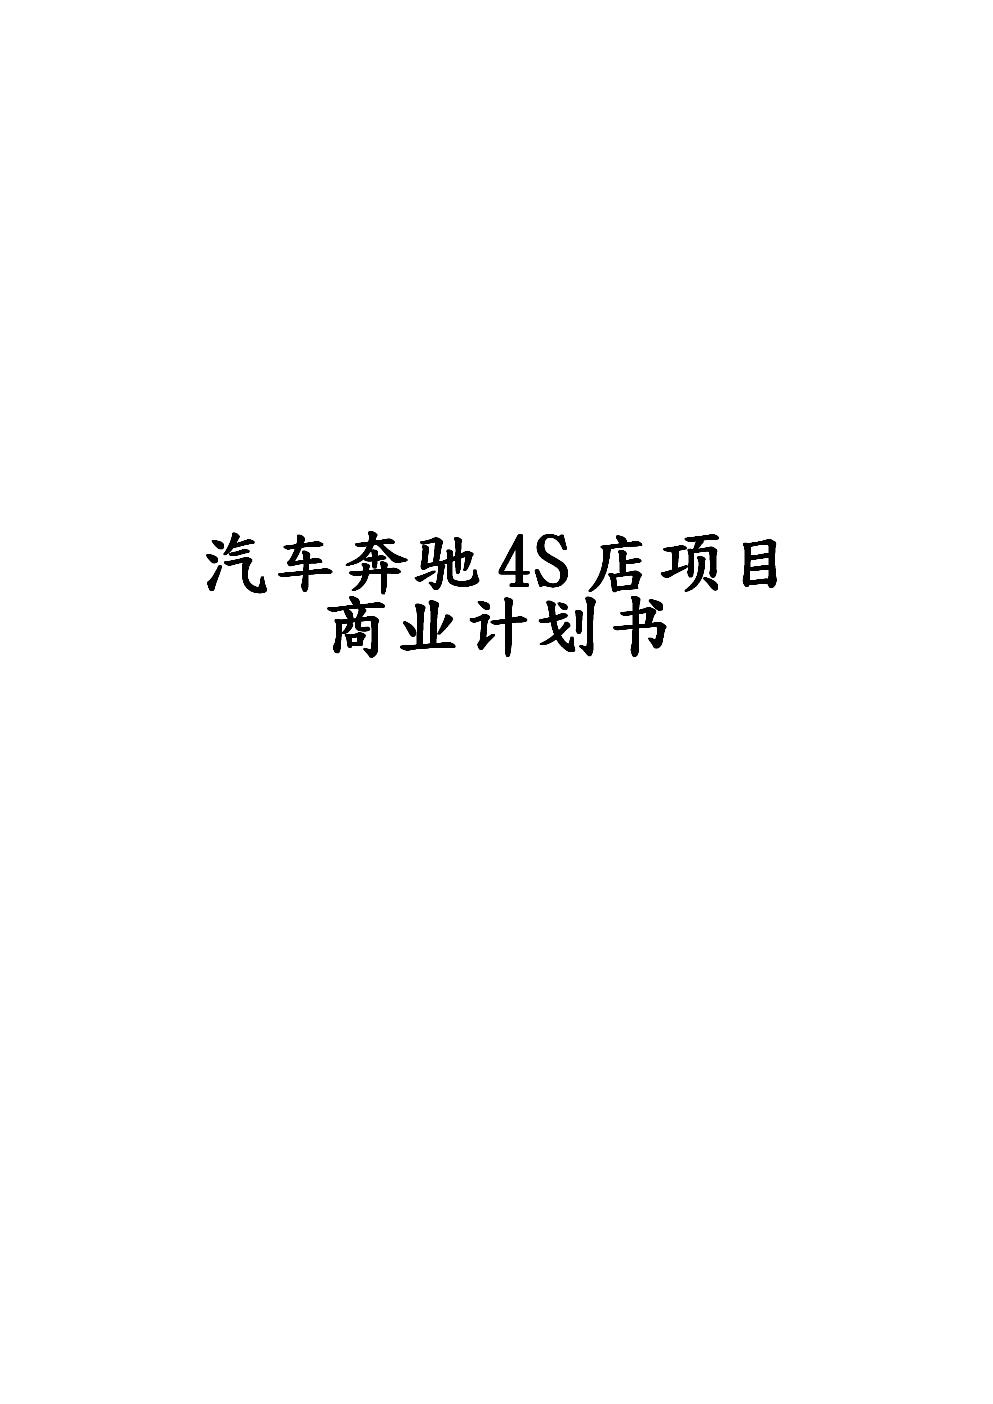 汽车奔驰4S店项目商业实施计划书.doc